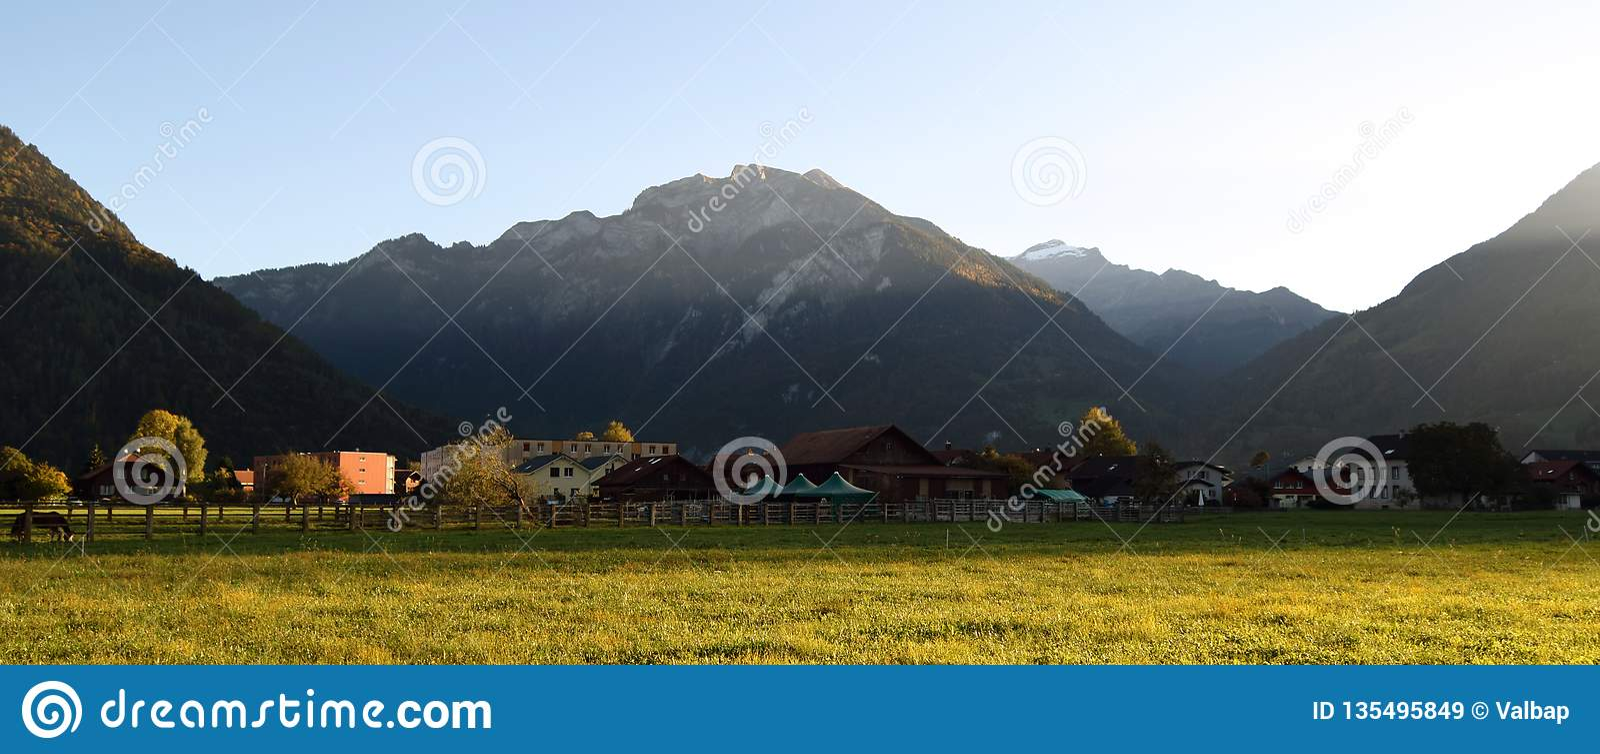 Paesaggio con erba, le montagne, le case, gli alberi ed i cavalli